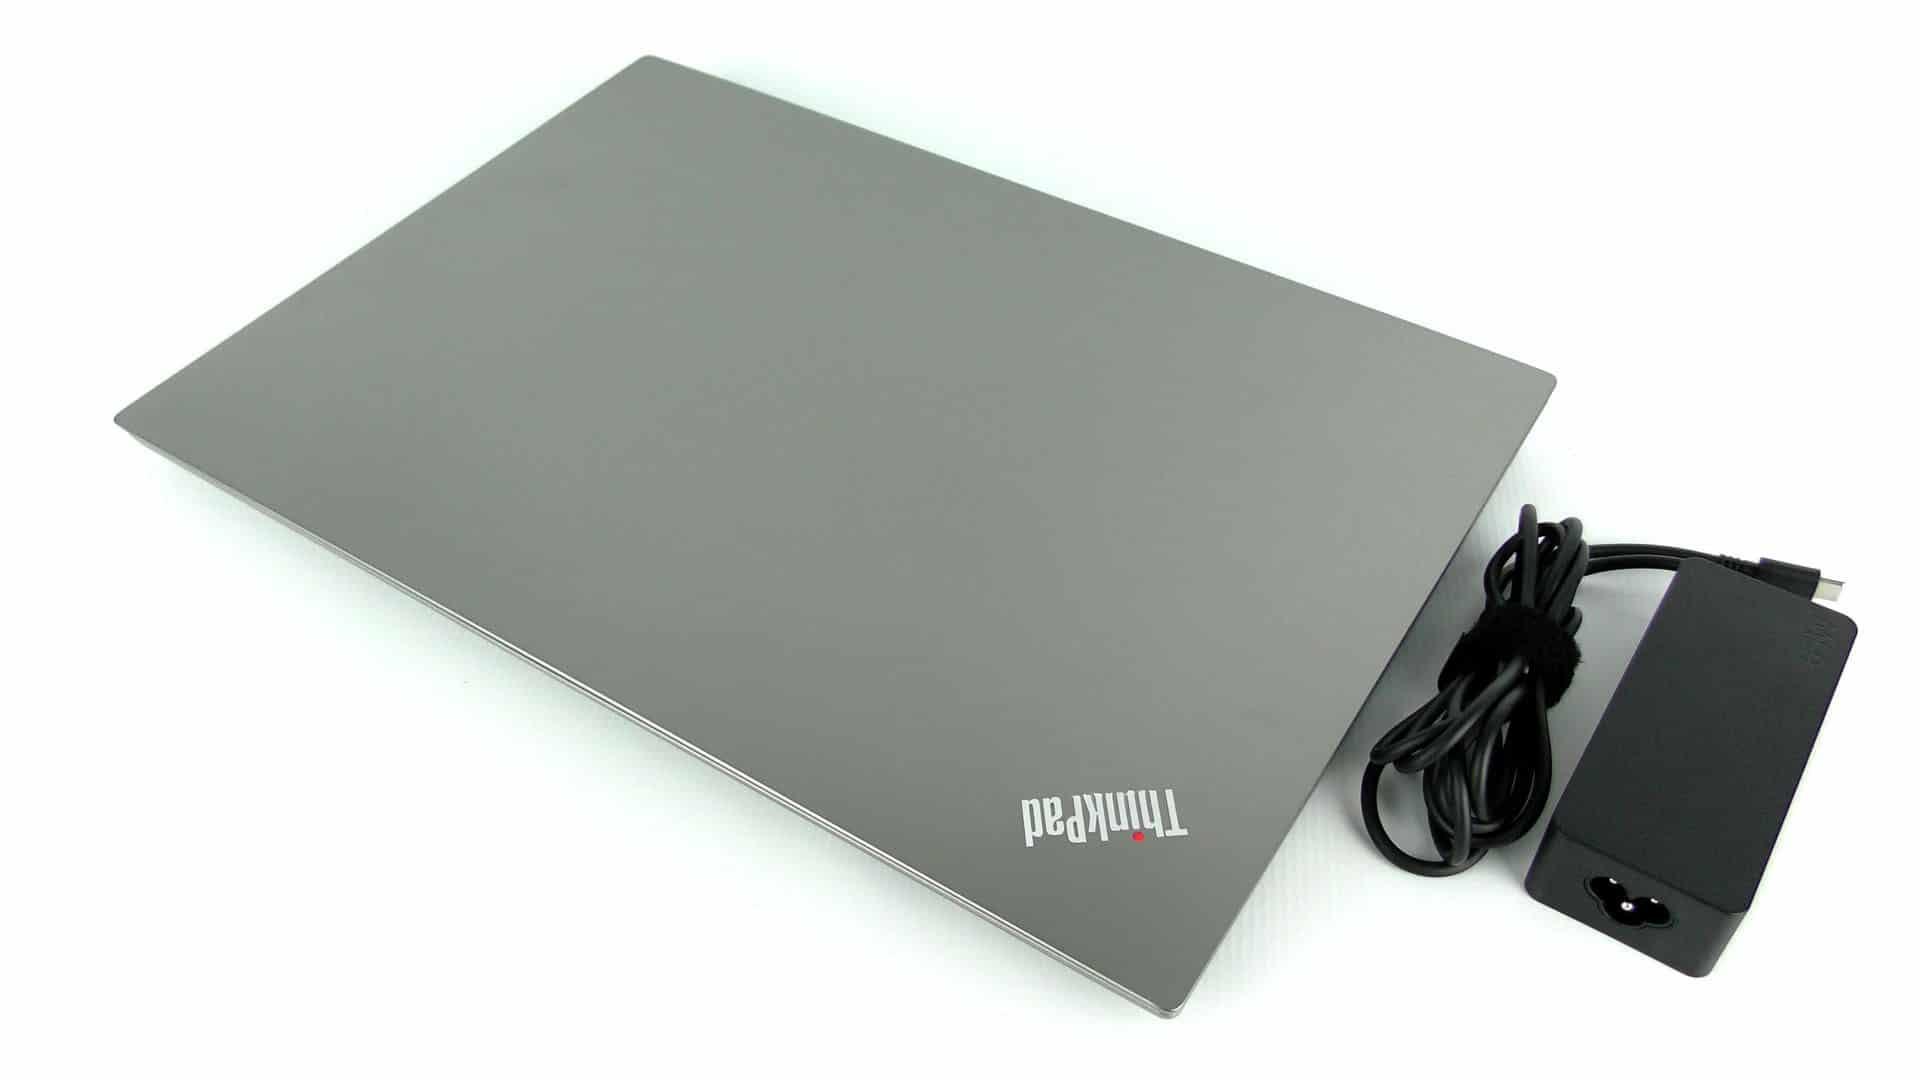 Lenovo ThinkPad E580 zzasilaczem